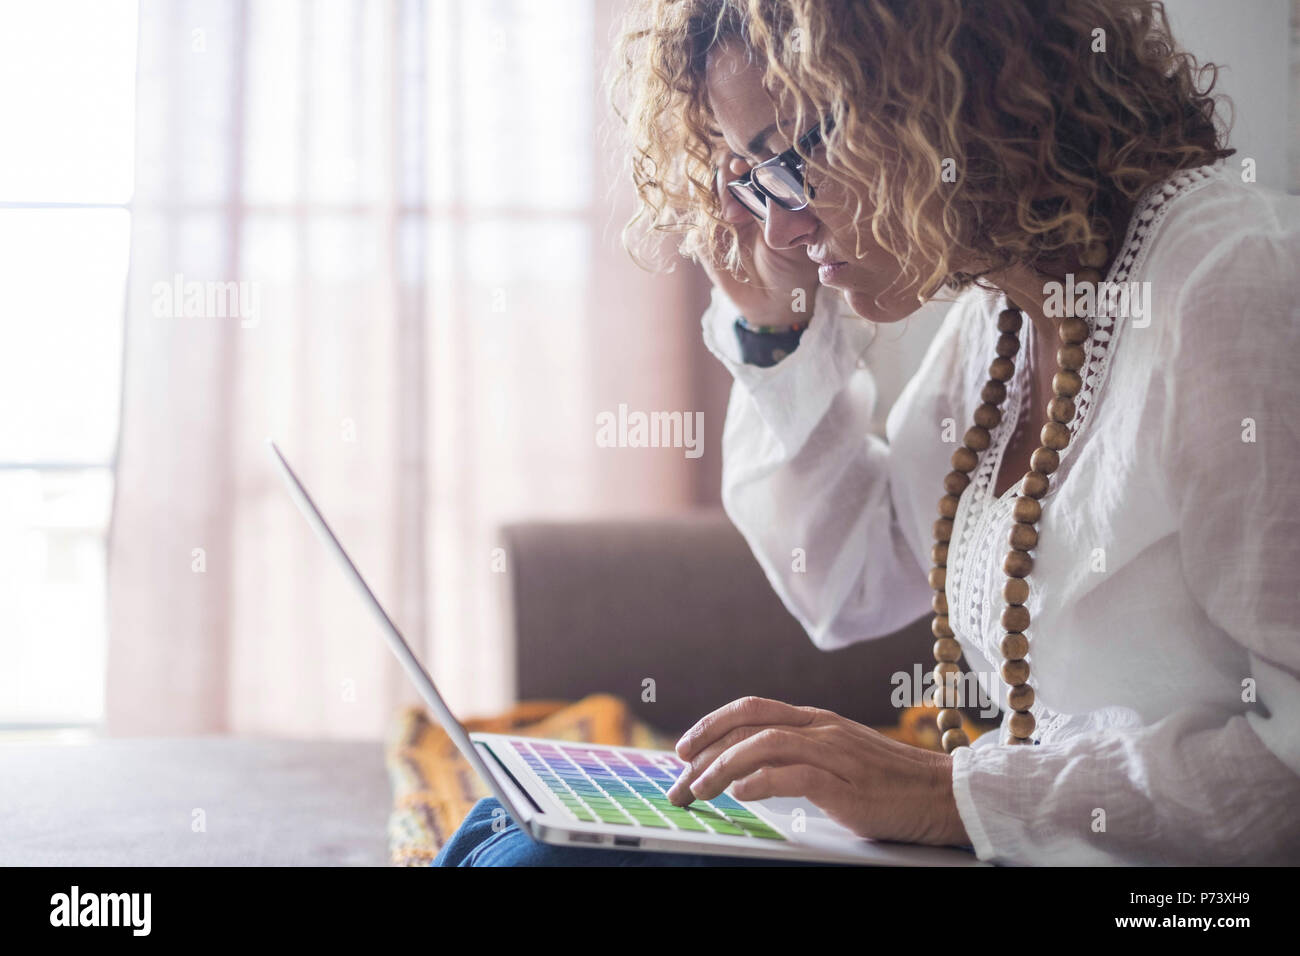 Unglücklich und hässliche Schöne kaukasische Frau auf Laptop zu Hause arbeiten. Alternative office Konzept für Menschen leben in Freiheit Lifestyle. farbige Comput Stockbild